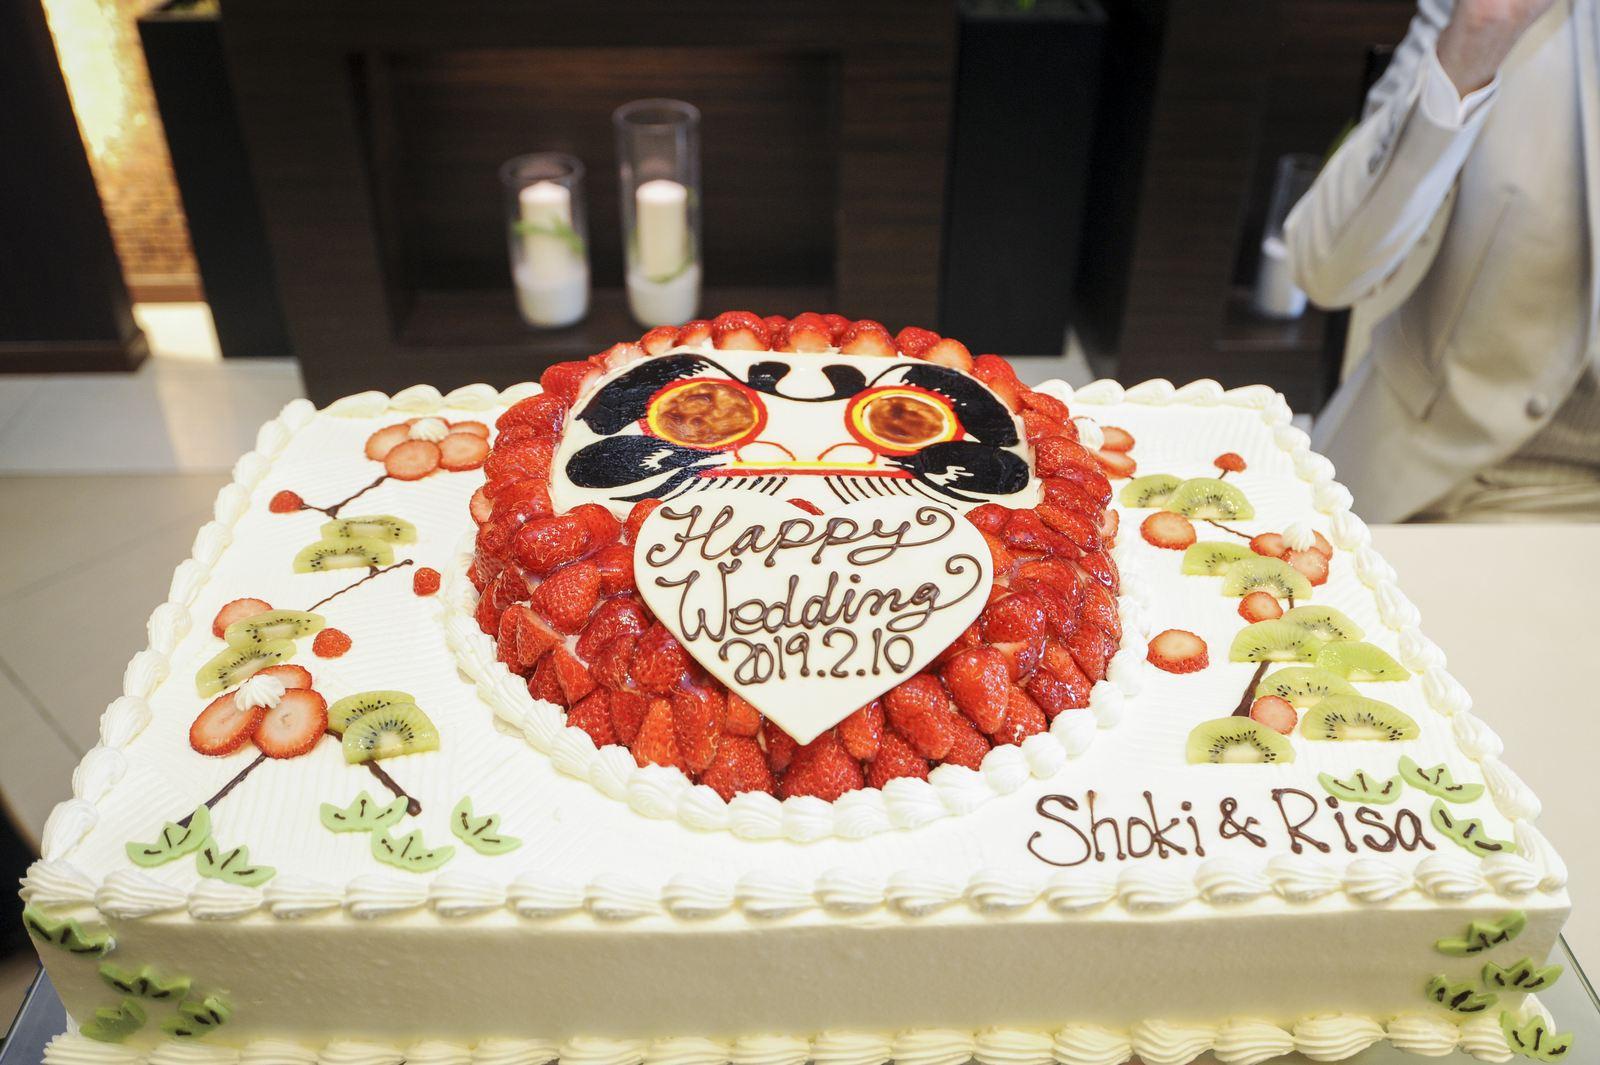 徳島市の結婚式場ブランアンジュで披露宴で新郎新婦様のこだわりの苺のだるまウエディングケーキ